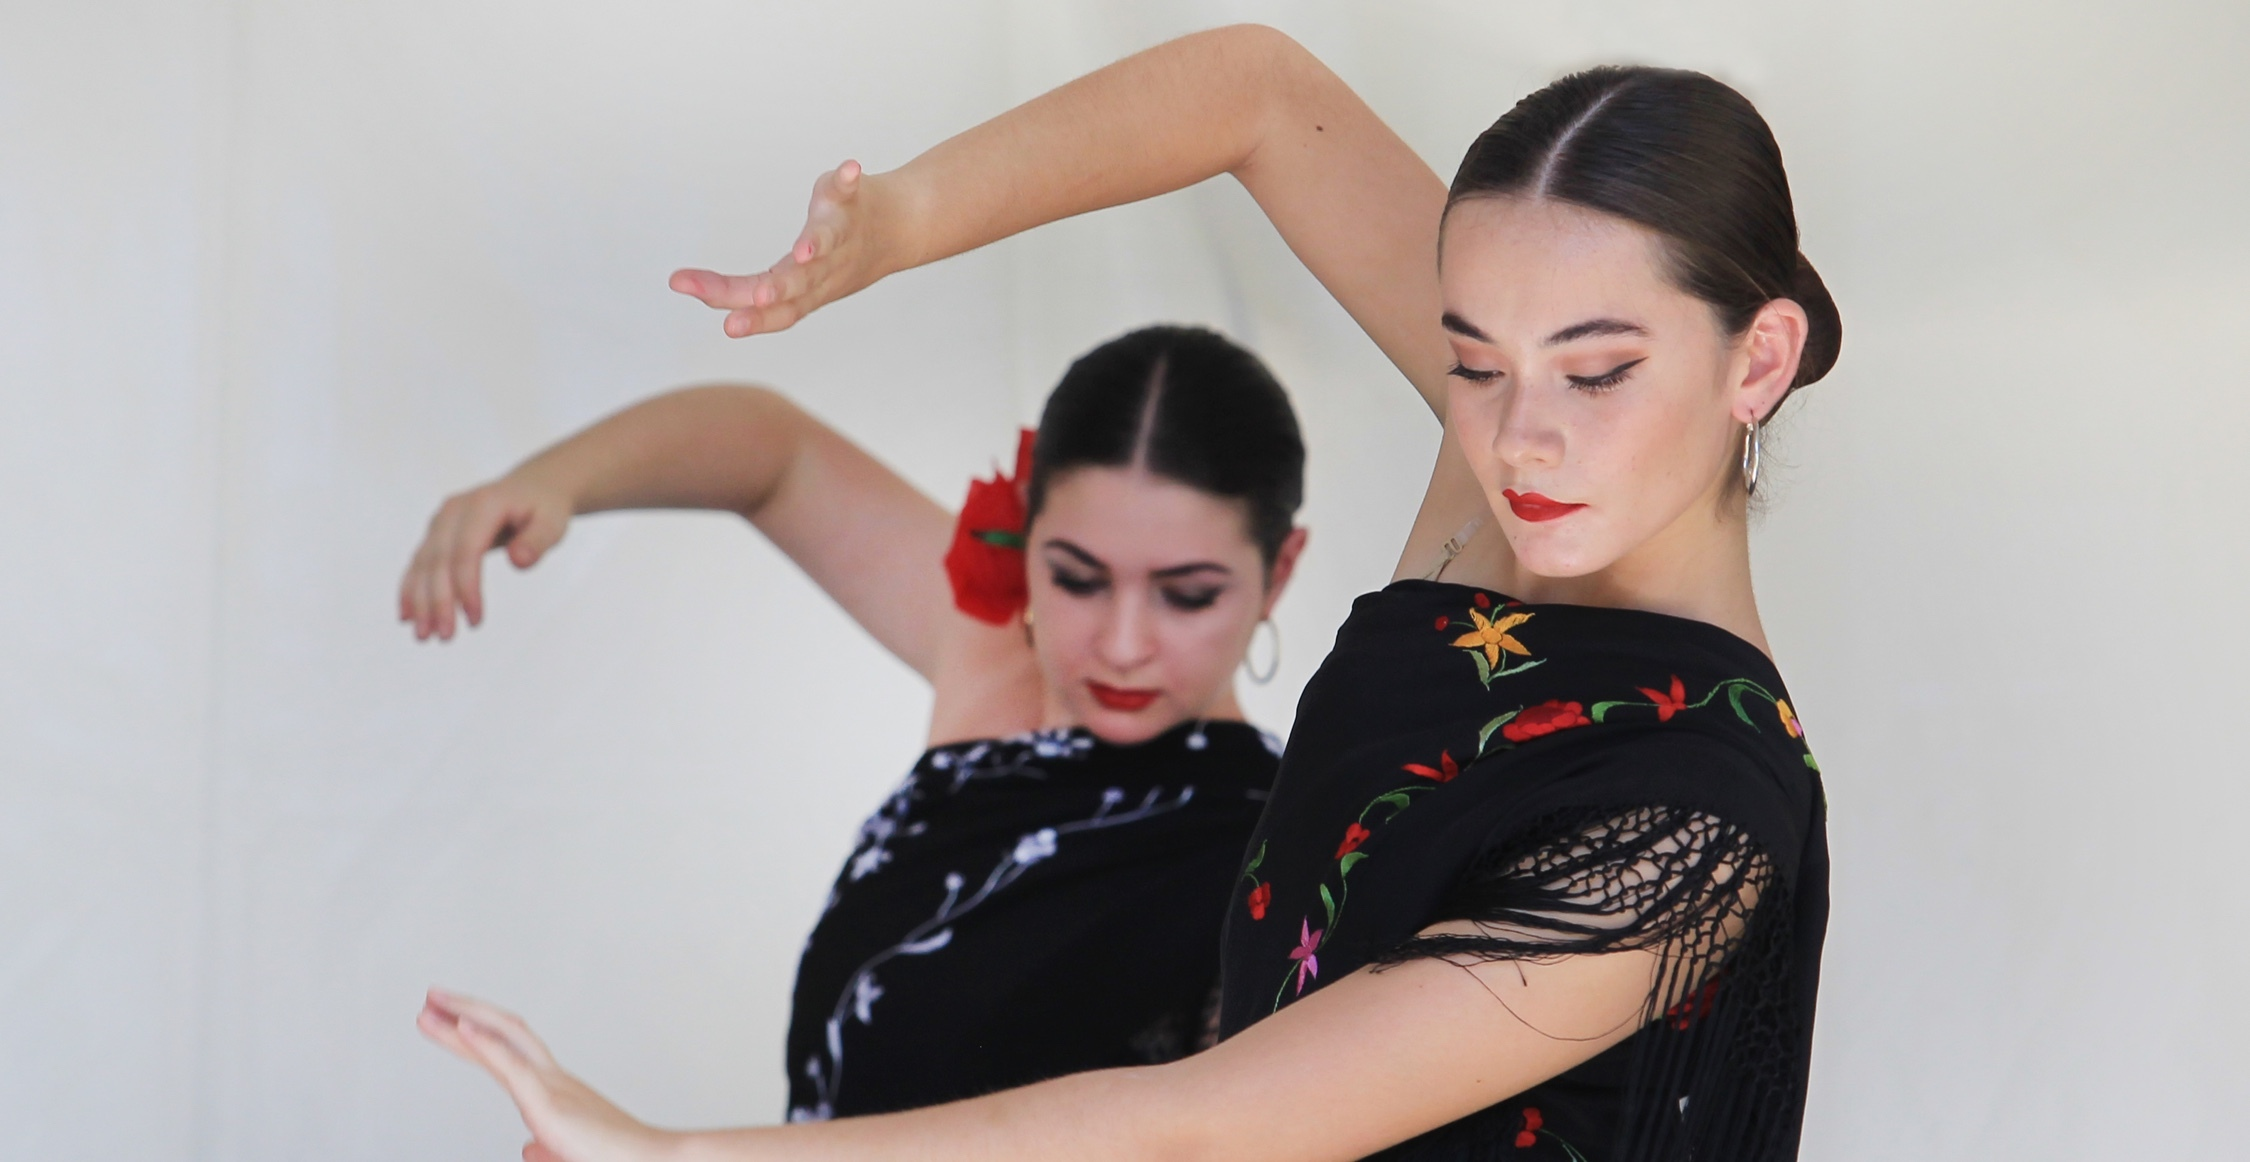 Women dancing at Carnival of Cultures